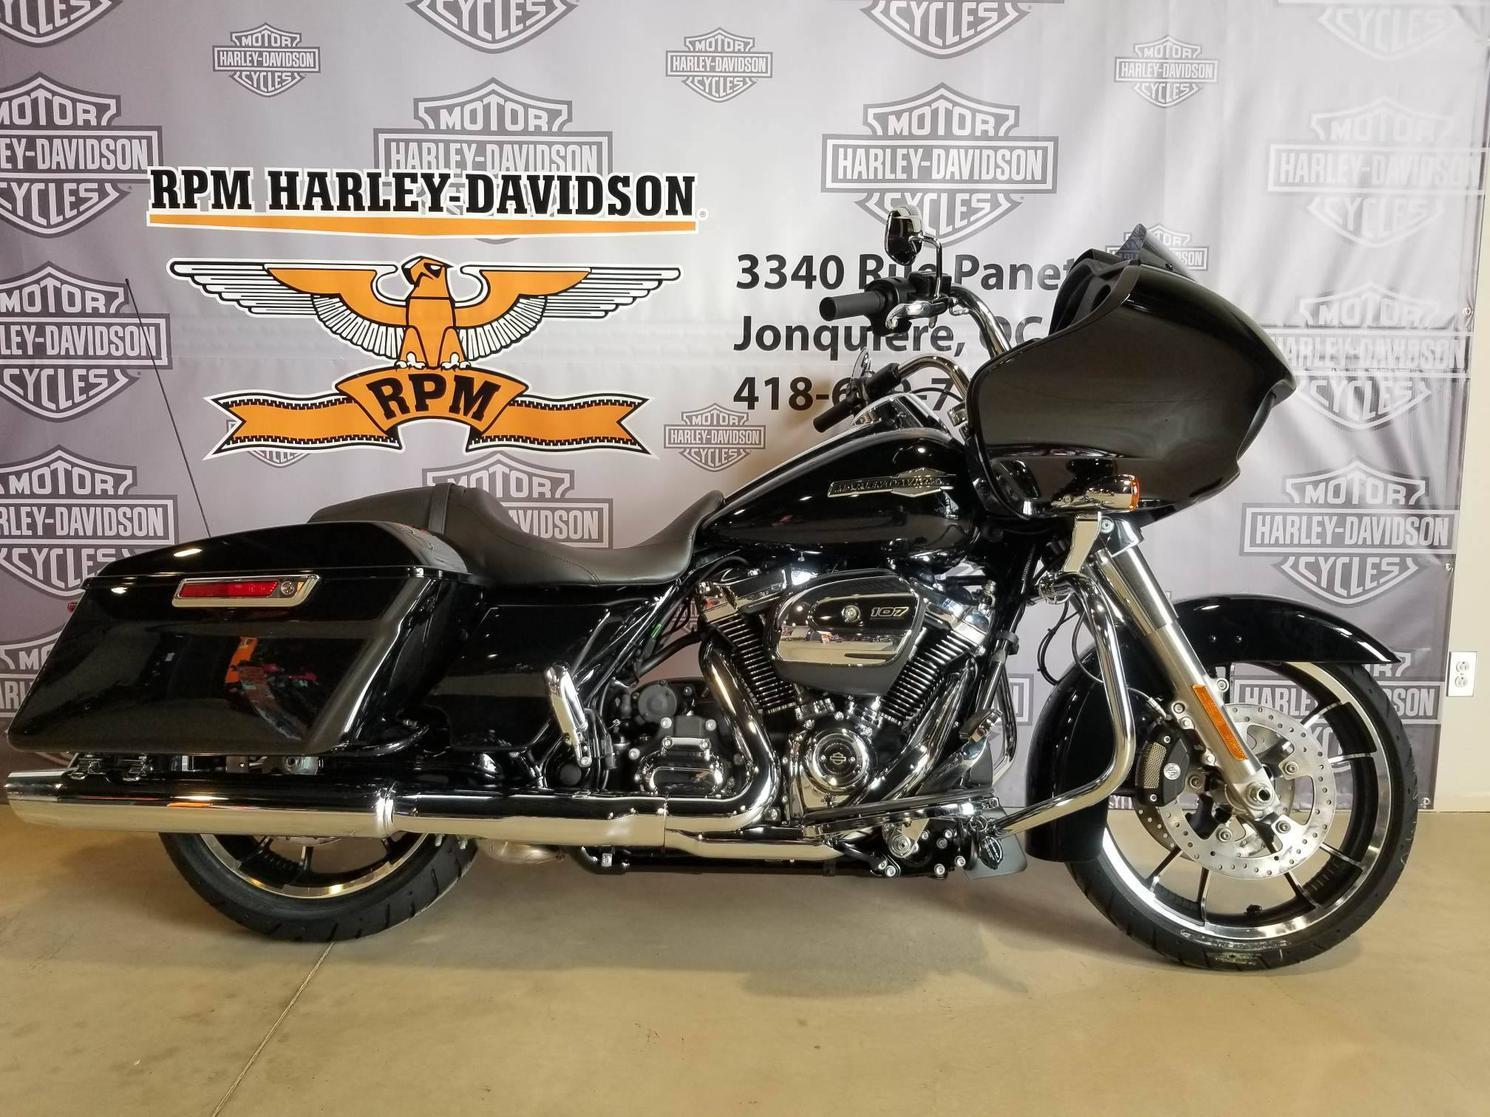 Harley-Davidson Road Glide 2021 - FLTRX